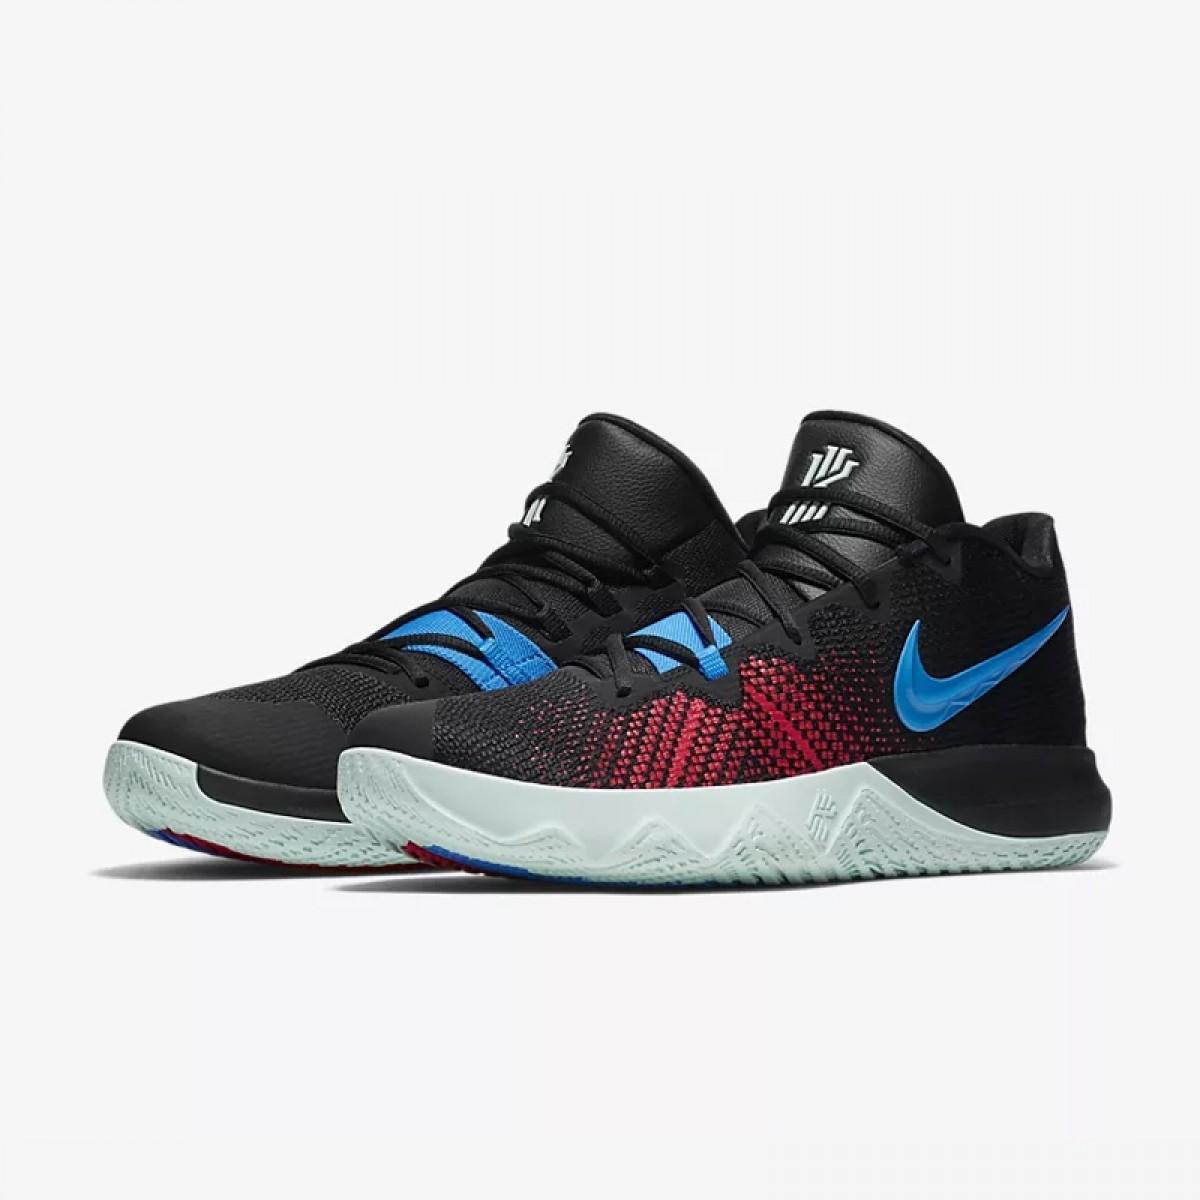 Nike Kyrie Flytrap GS 'Blue Hero' AA7071-002Jr